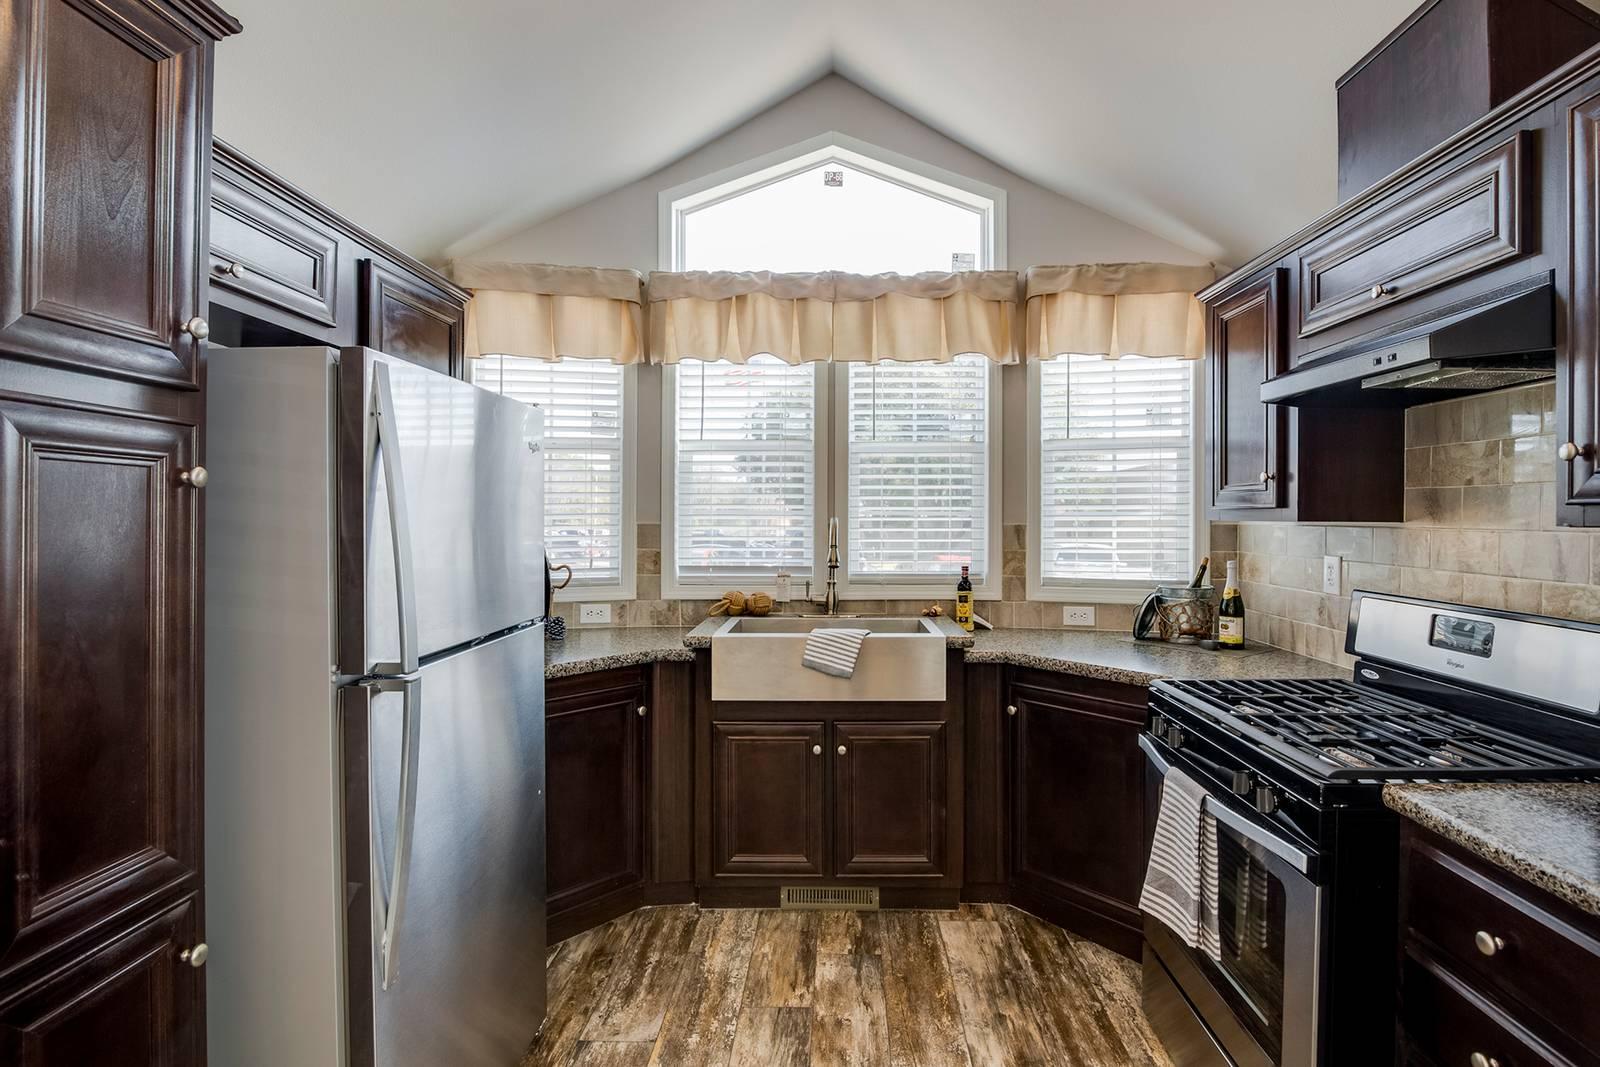 The St. Thomas APH-518 Kitchen